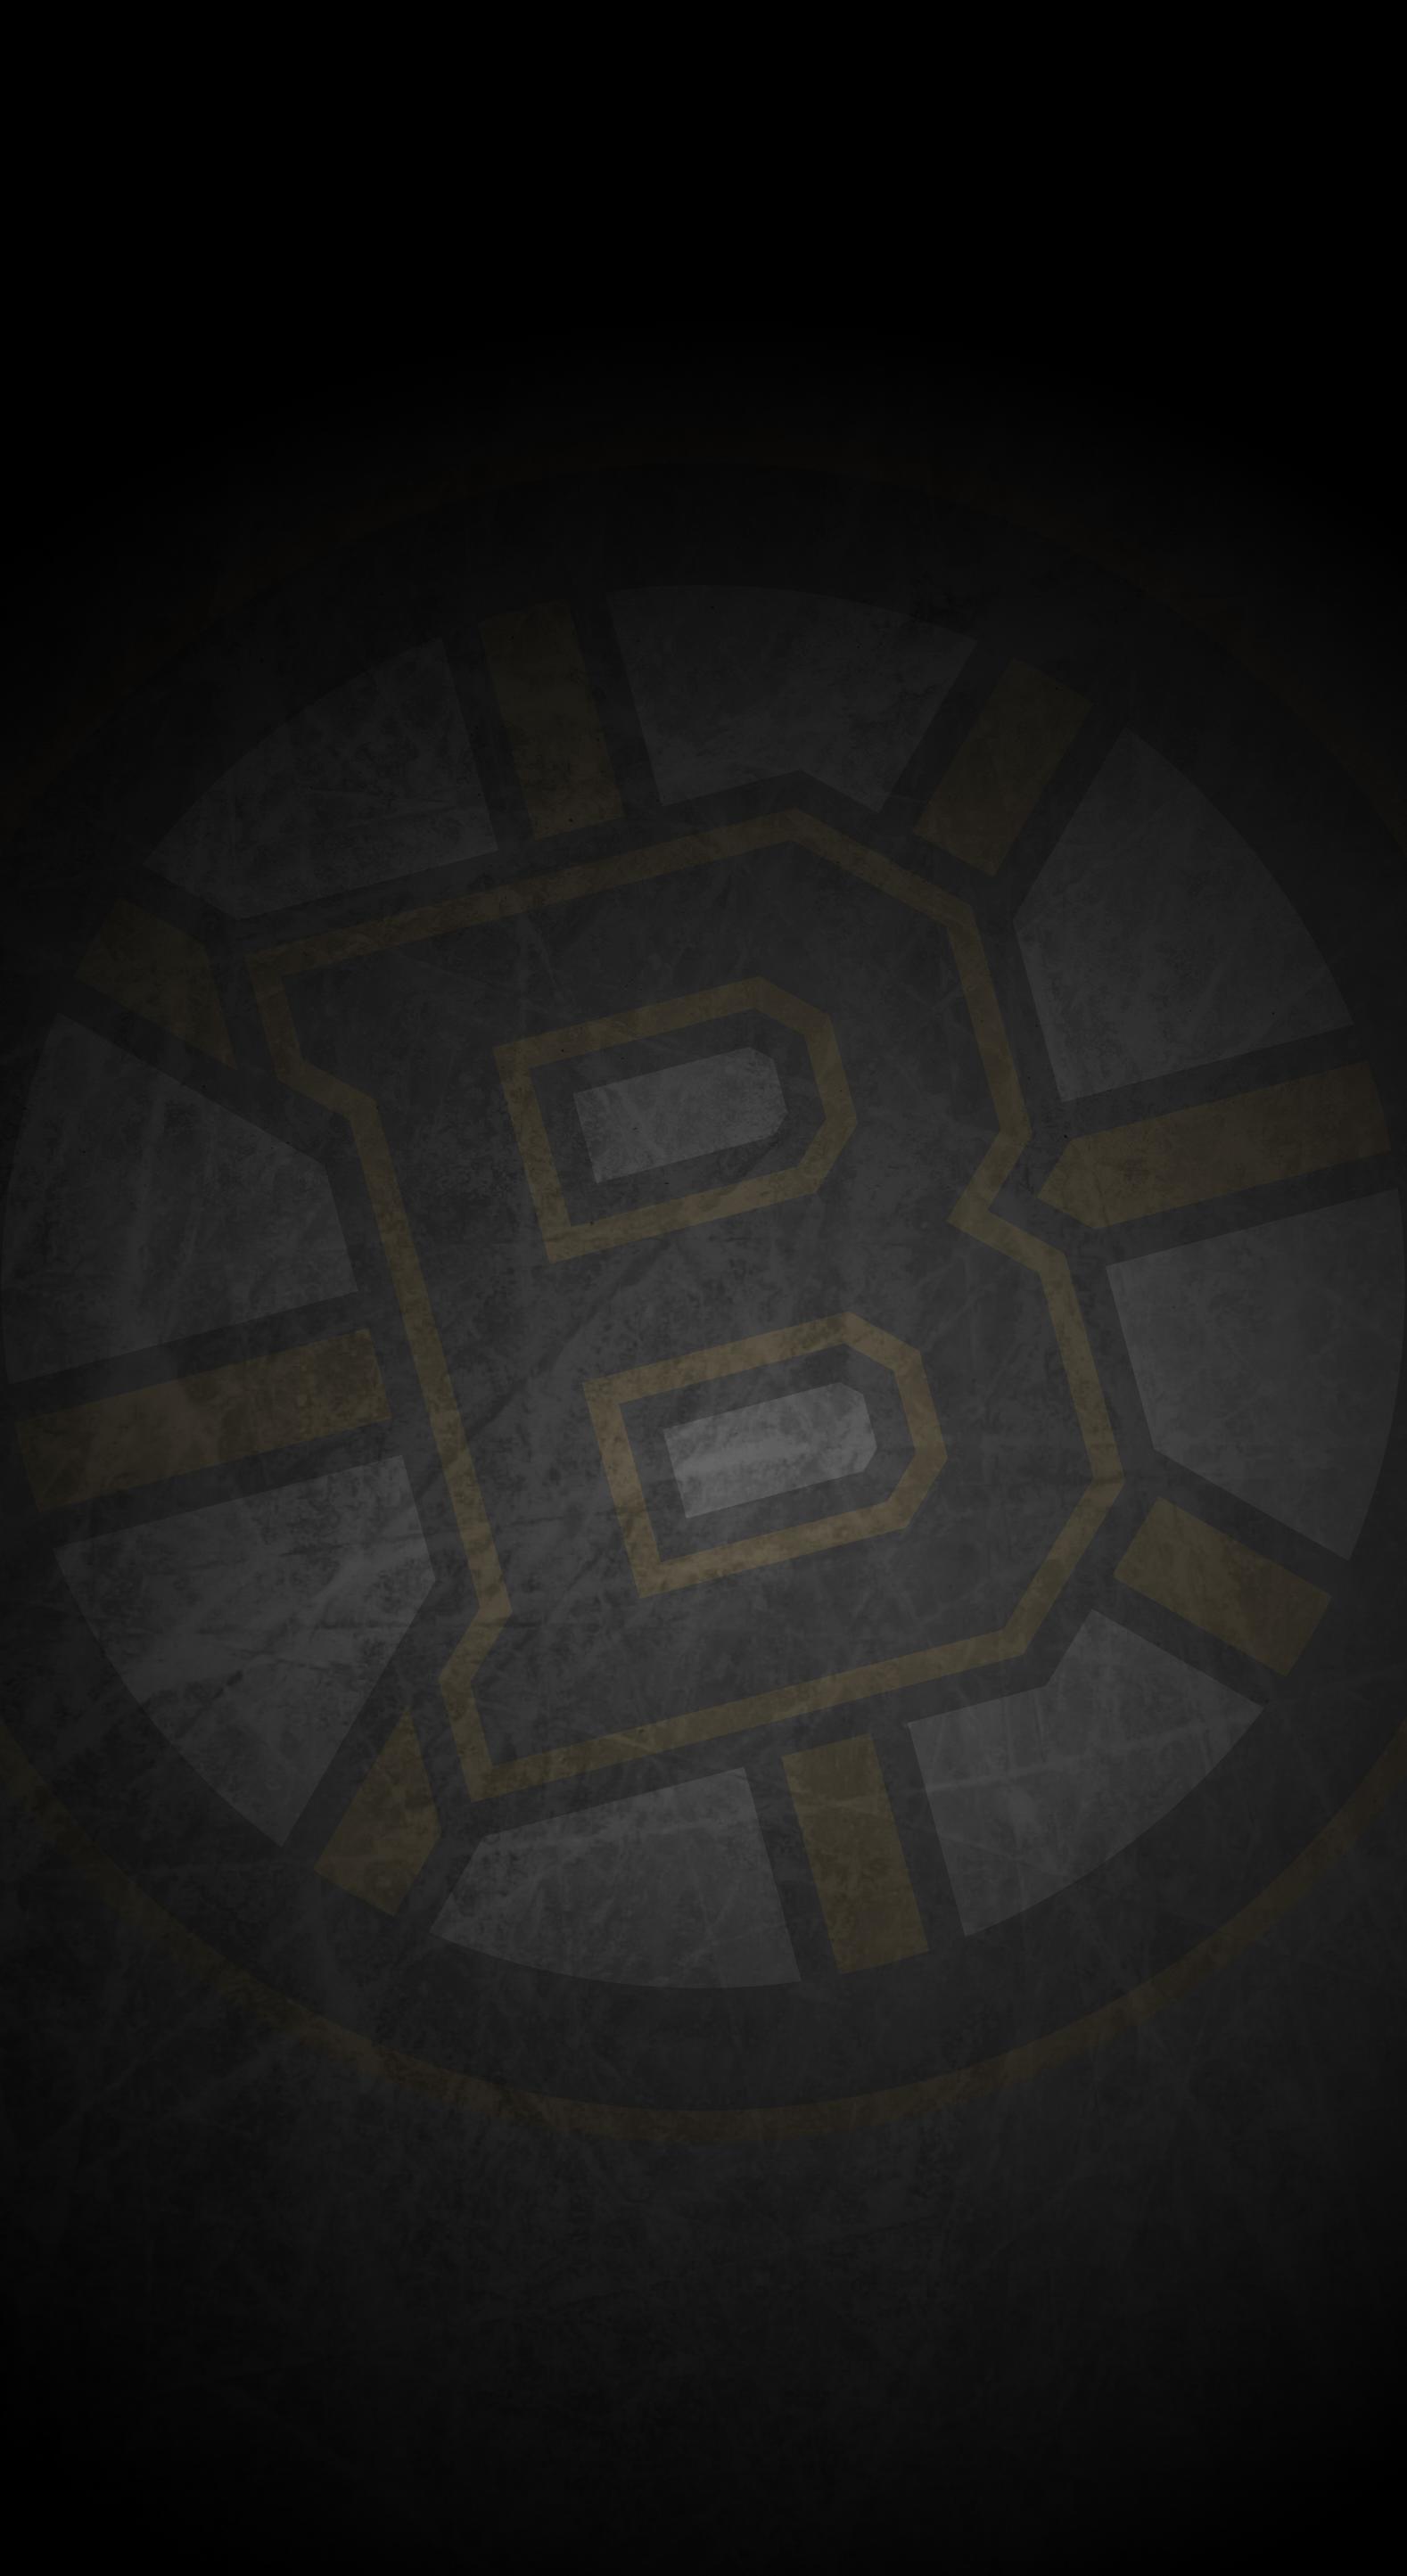 Boston Bruins Nhl Iphone X Xs Xr Home Screen Wallpaper Boston Bruins Wallpaper Boston Bruins Bruins